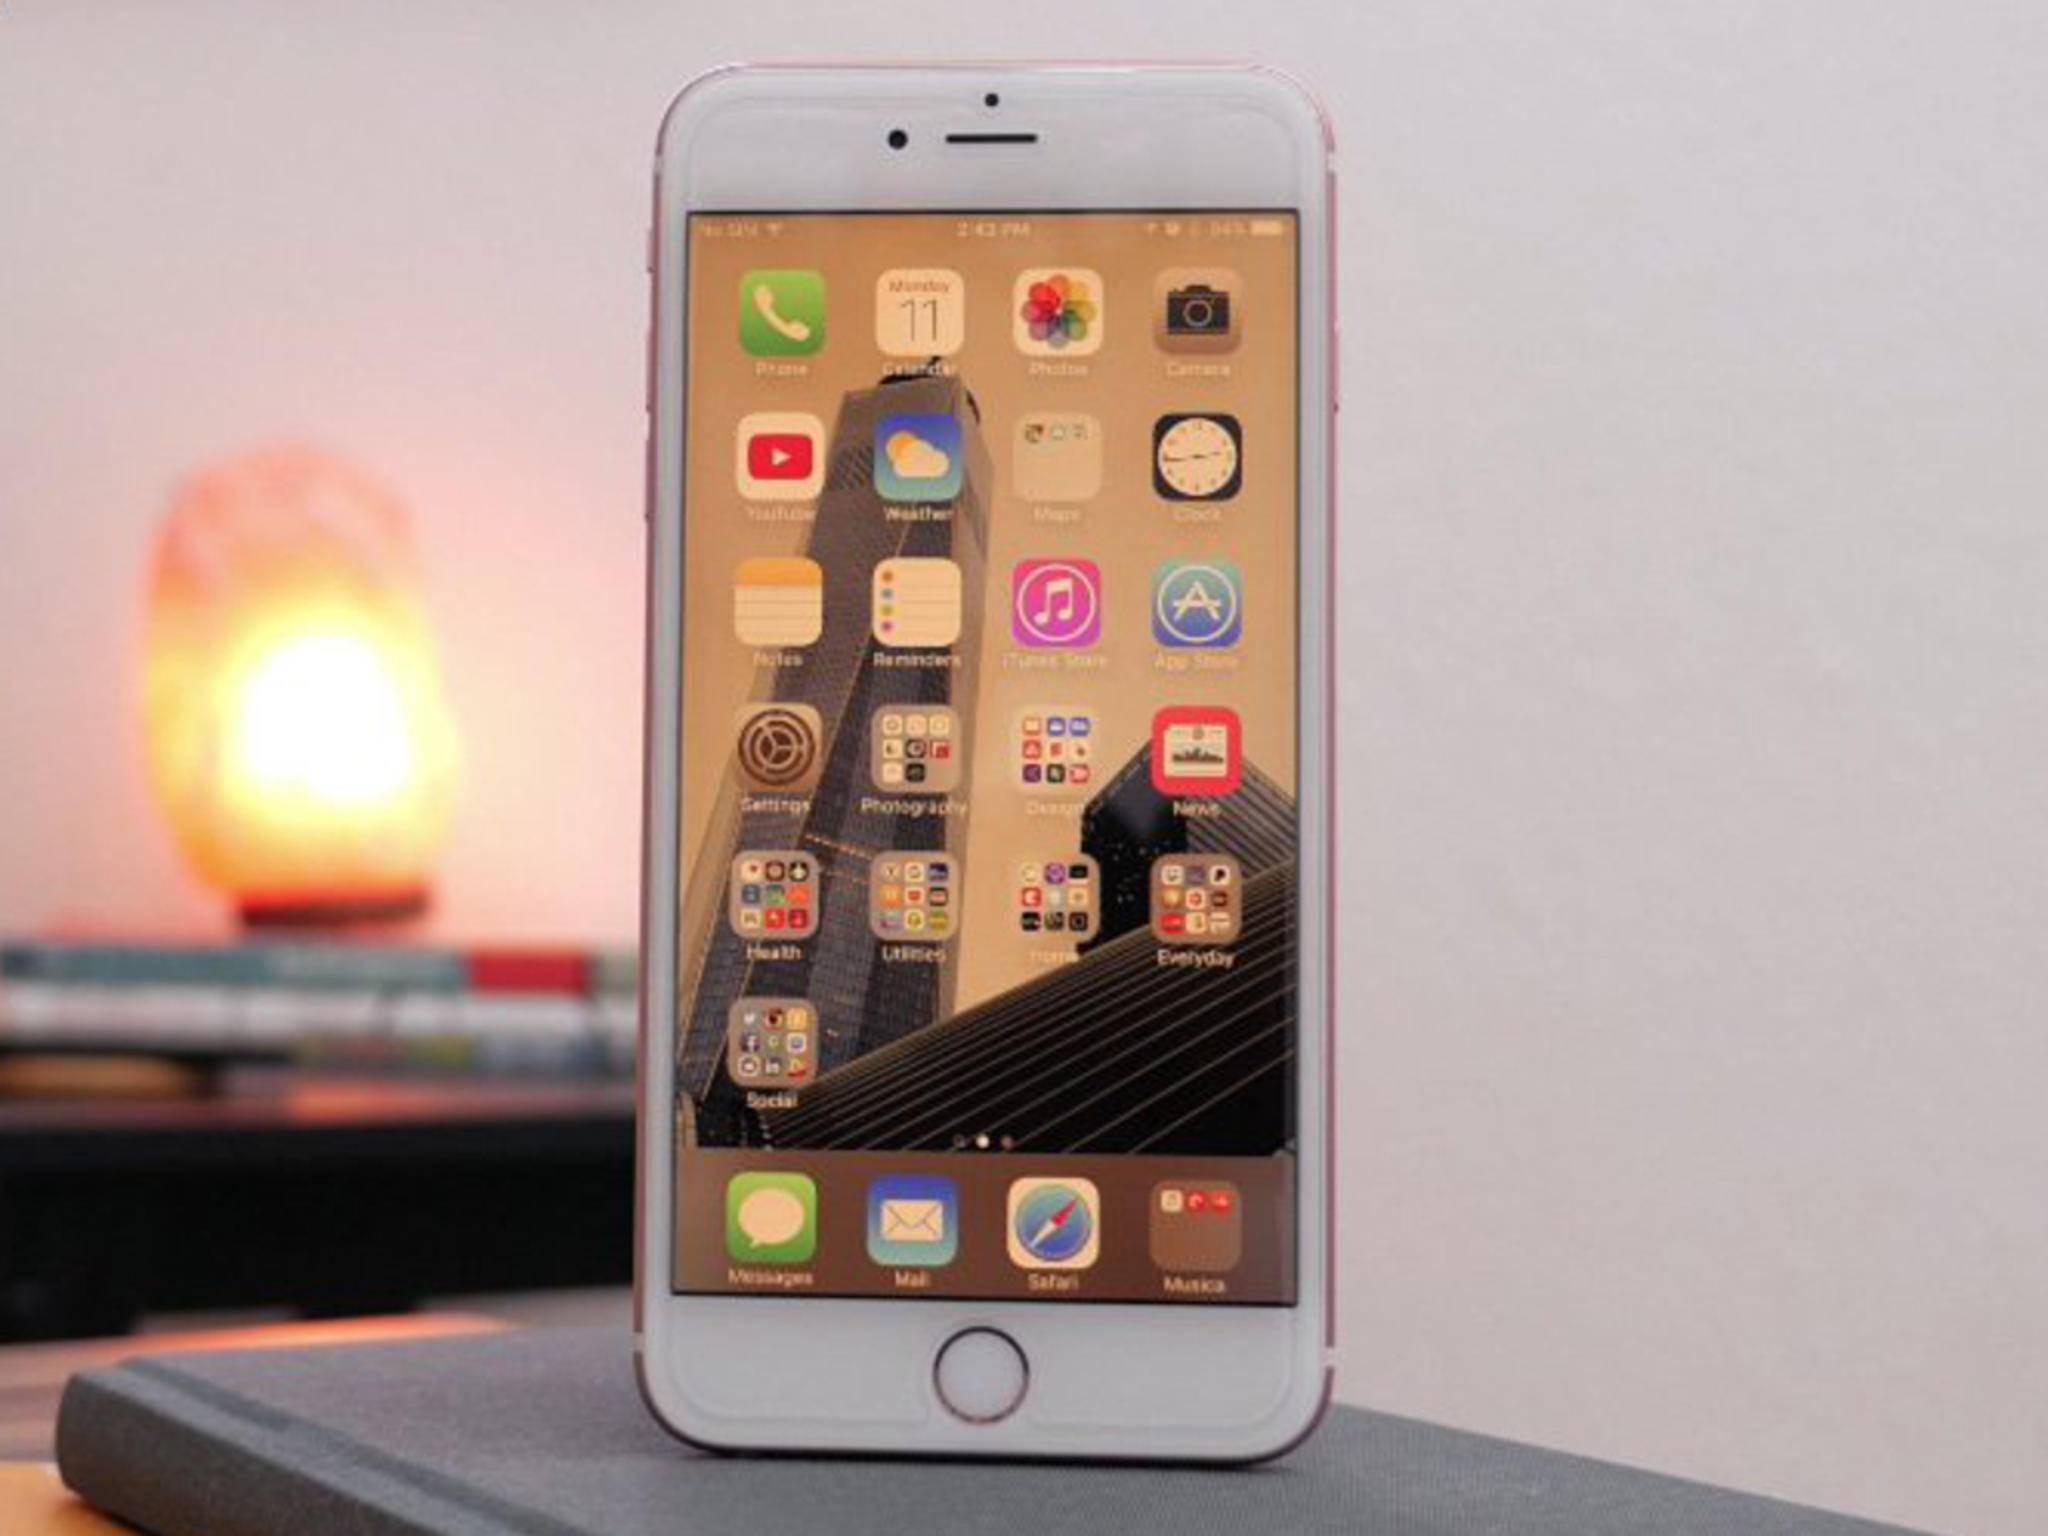 Night Shift entfernt beim iPhone-Display das blaue Licht.